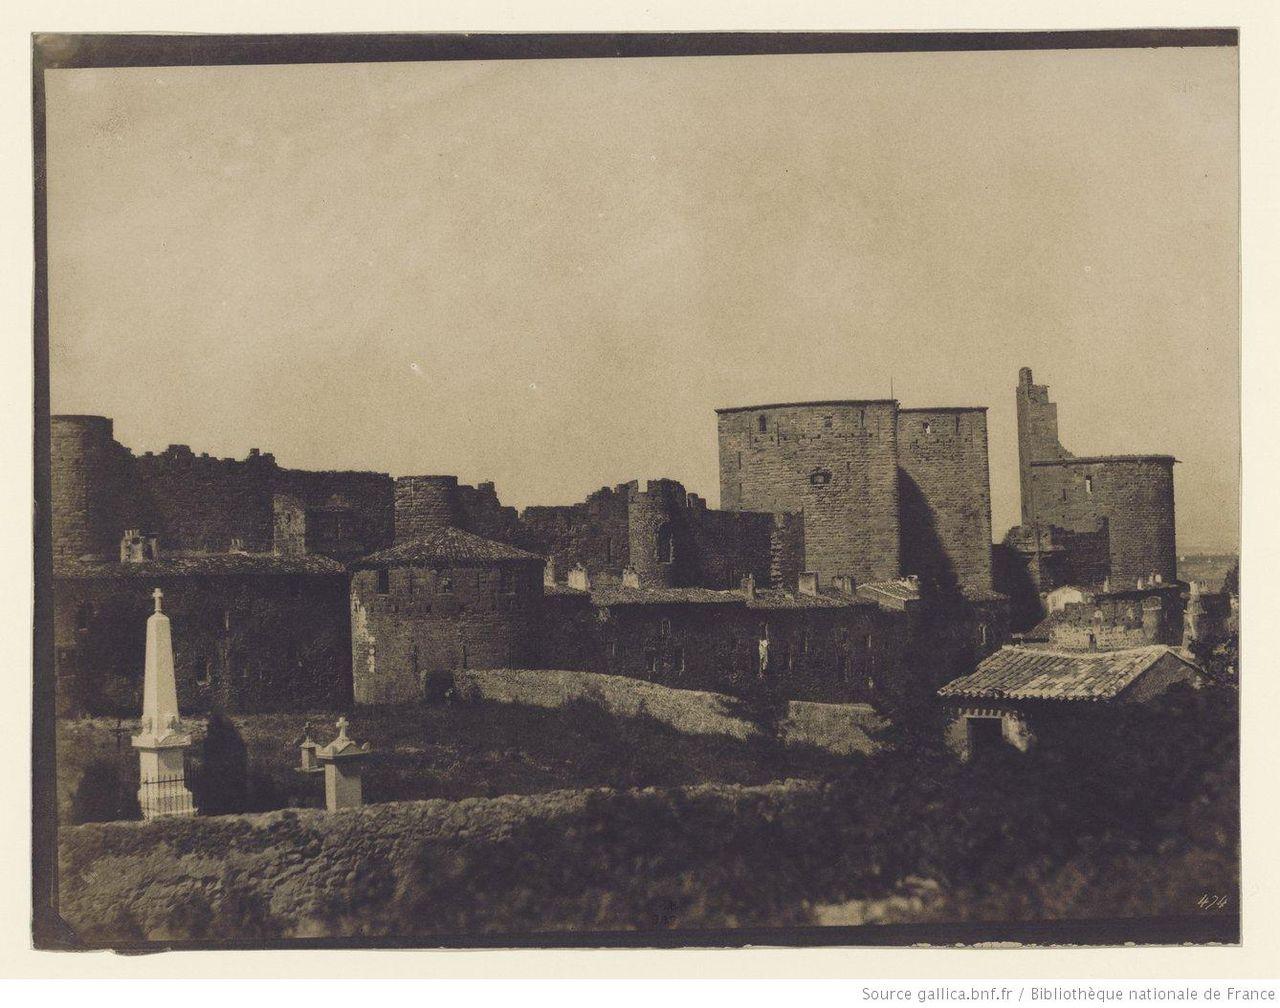 1280px-Cité_de_Carcassonne_par_Gustave_Le_Gray_4